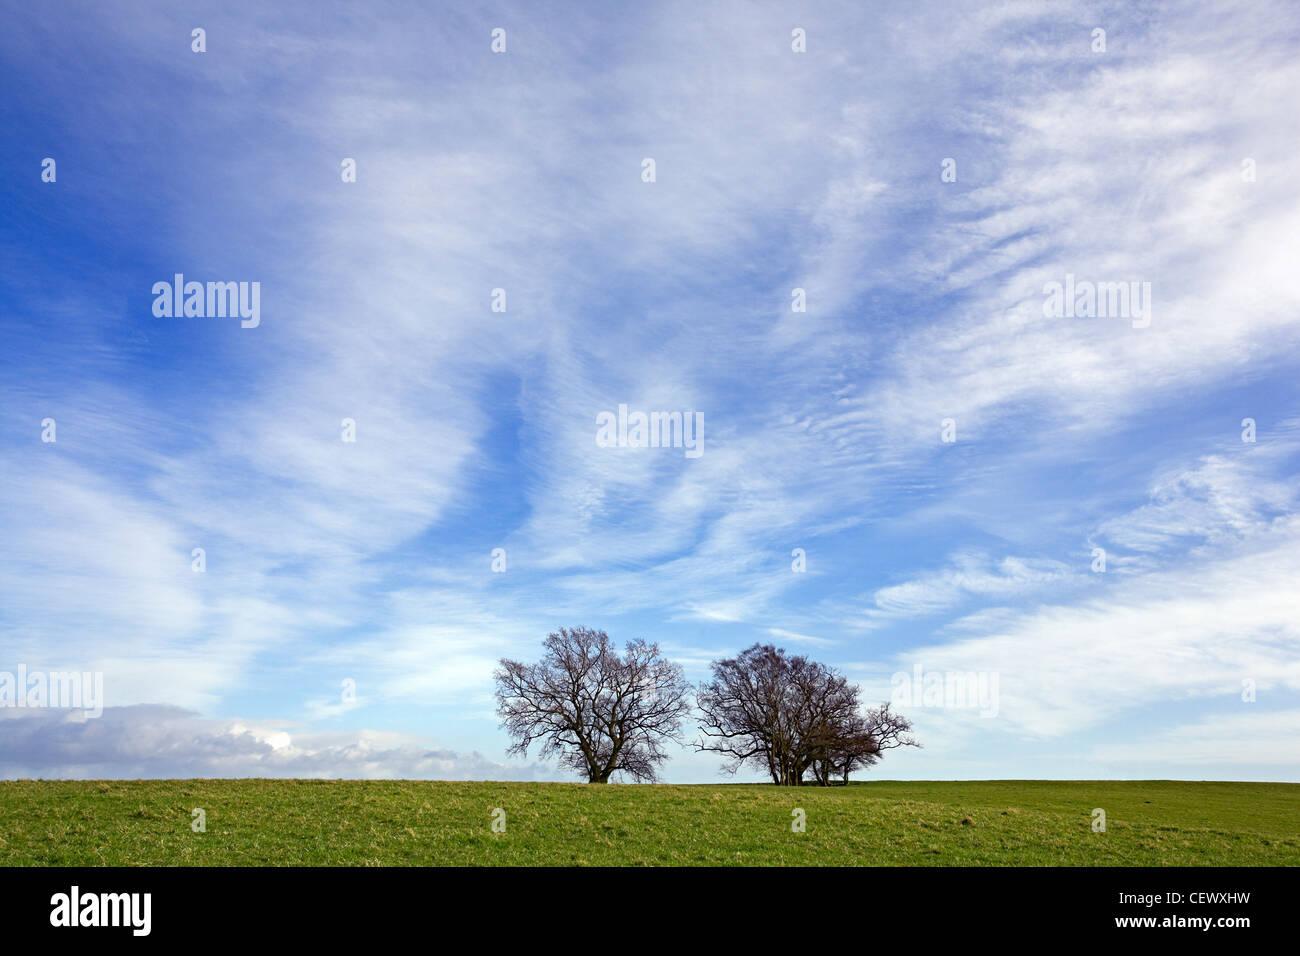 Deux arbres dans les champs ouverts sous un ciel de compensation. Banque D'Images